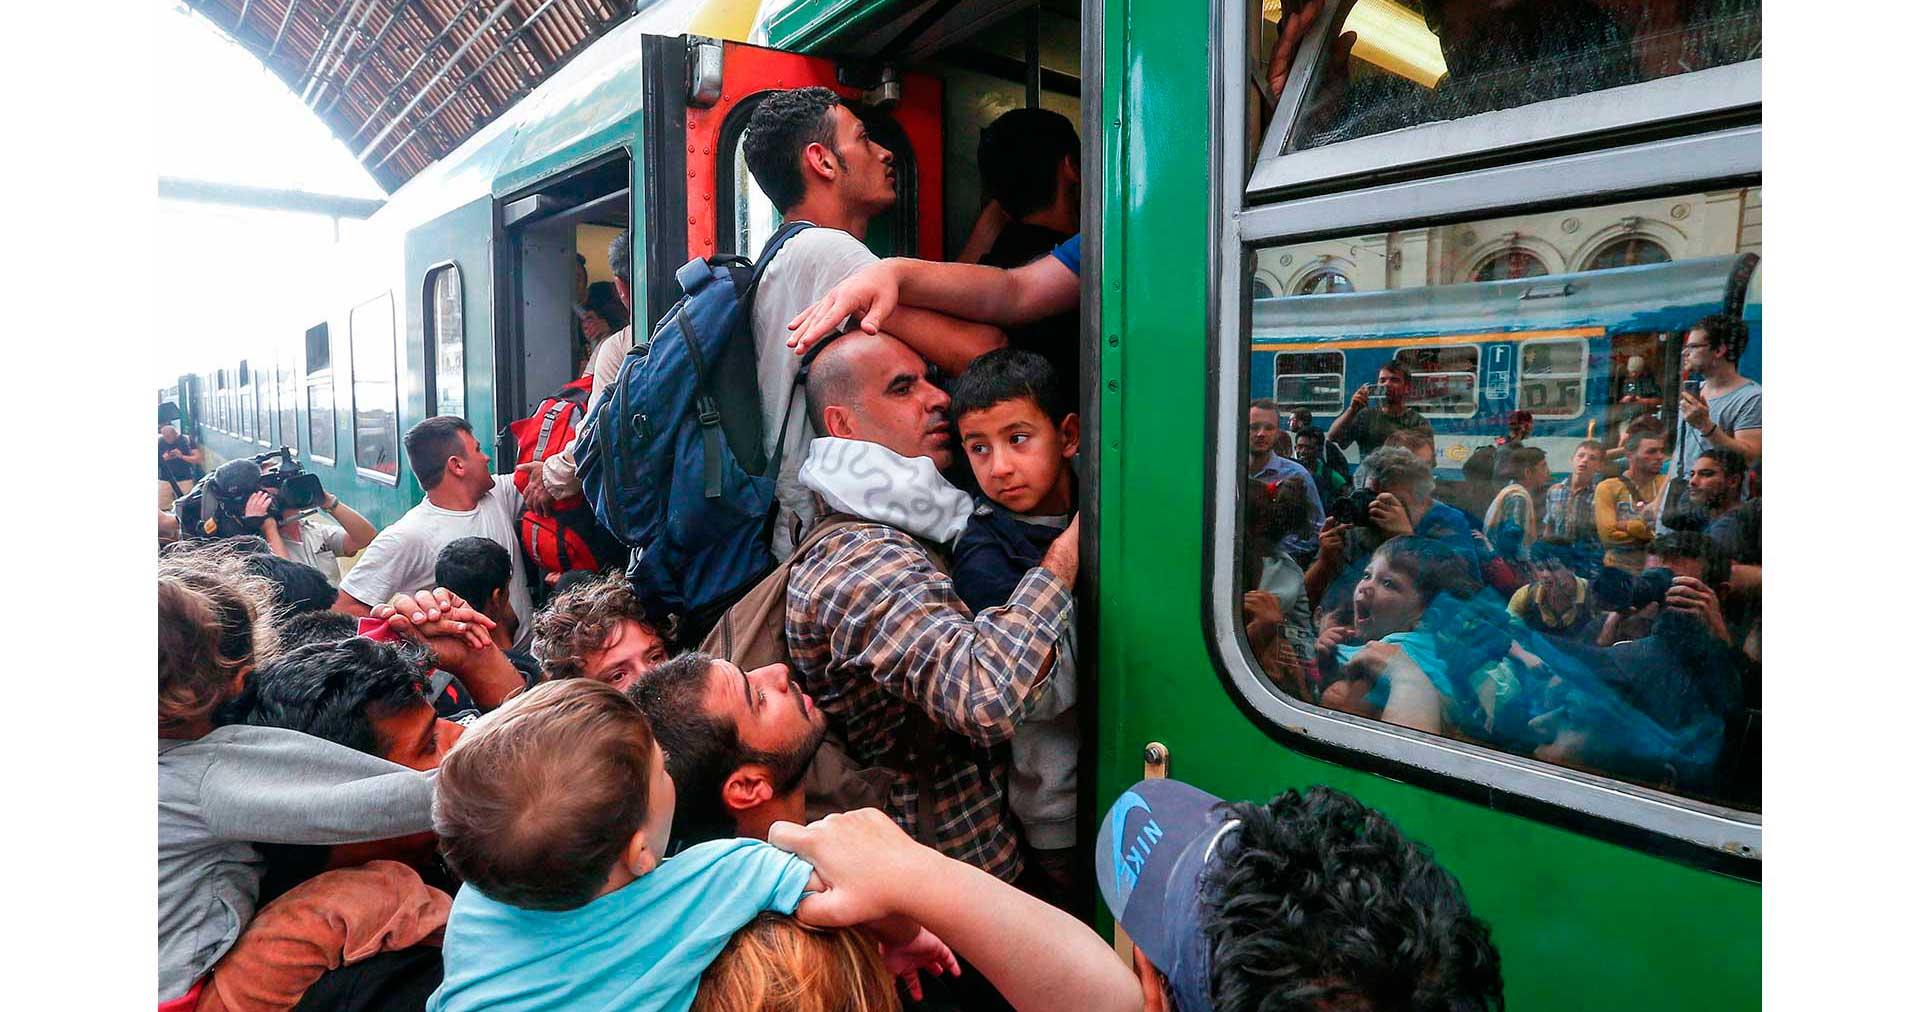 refugiados_mediterraneo_3_caja